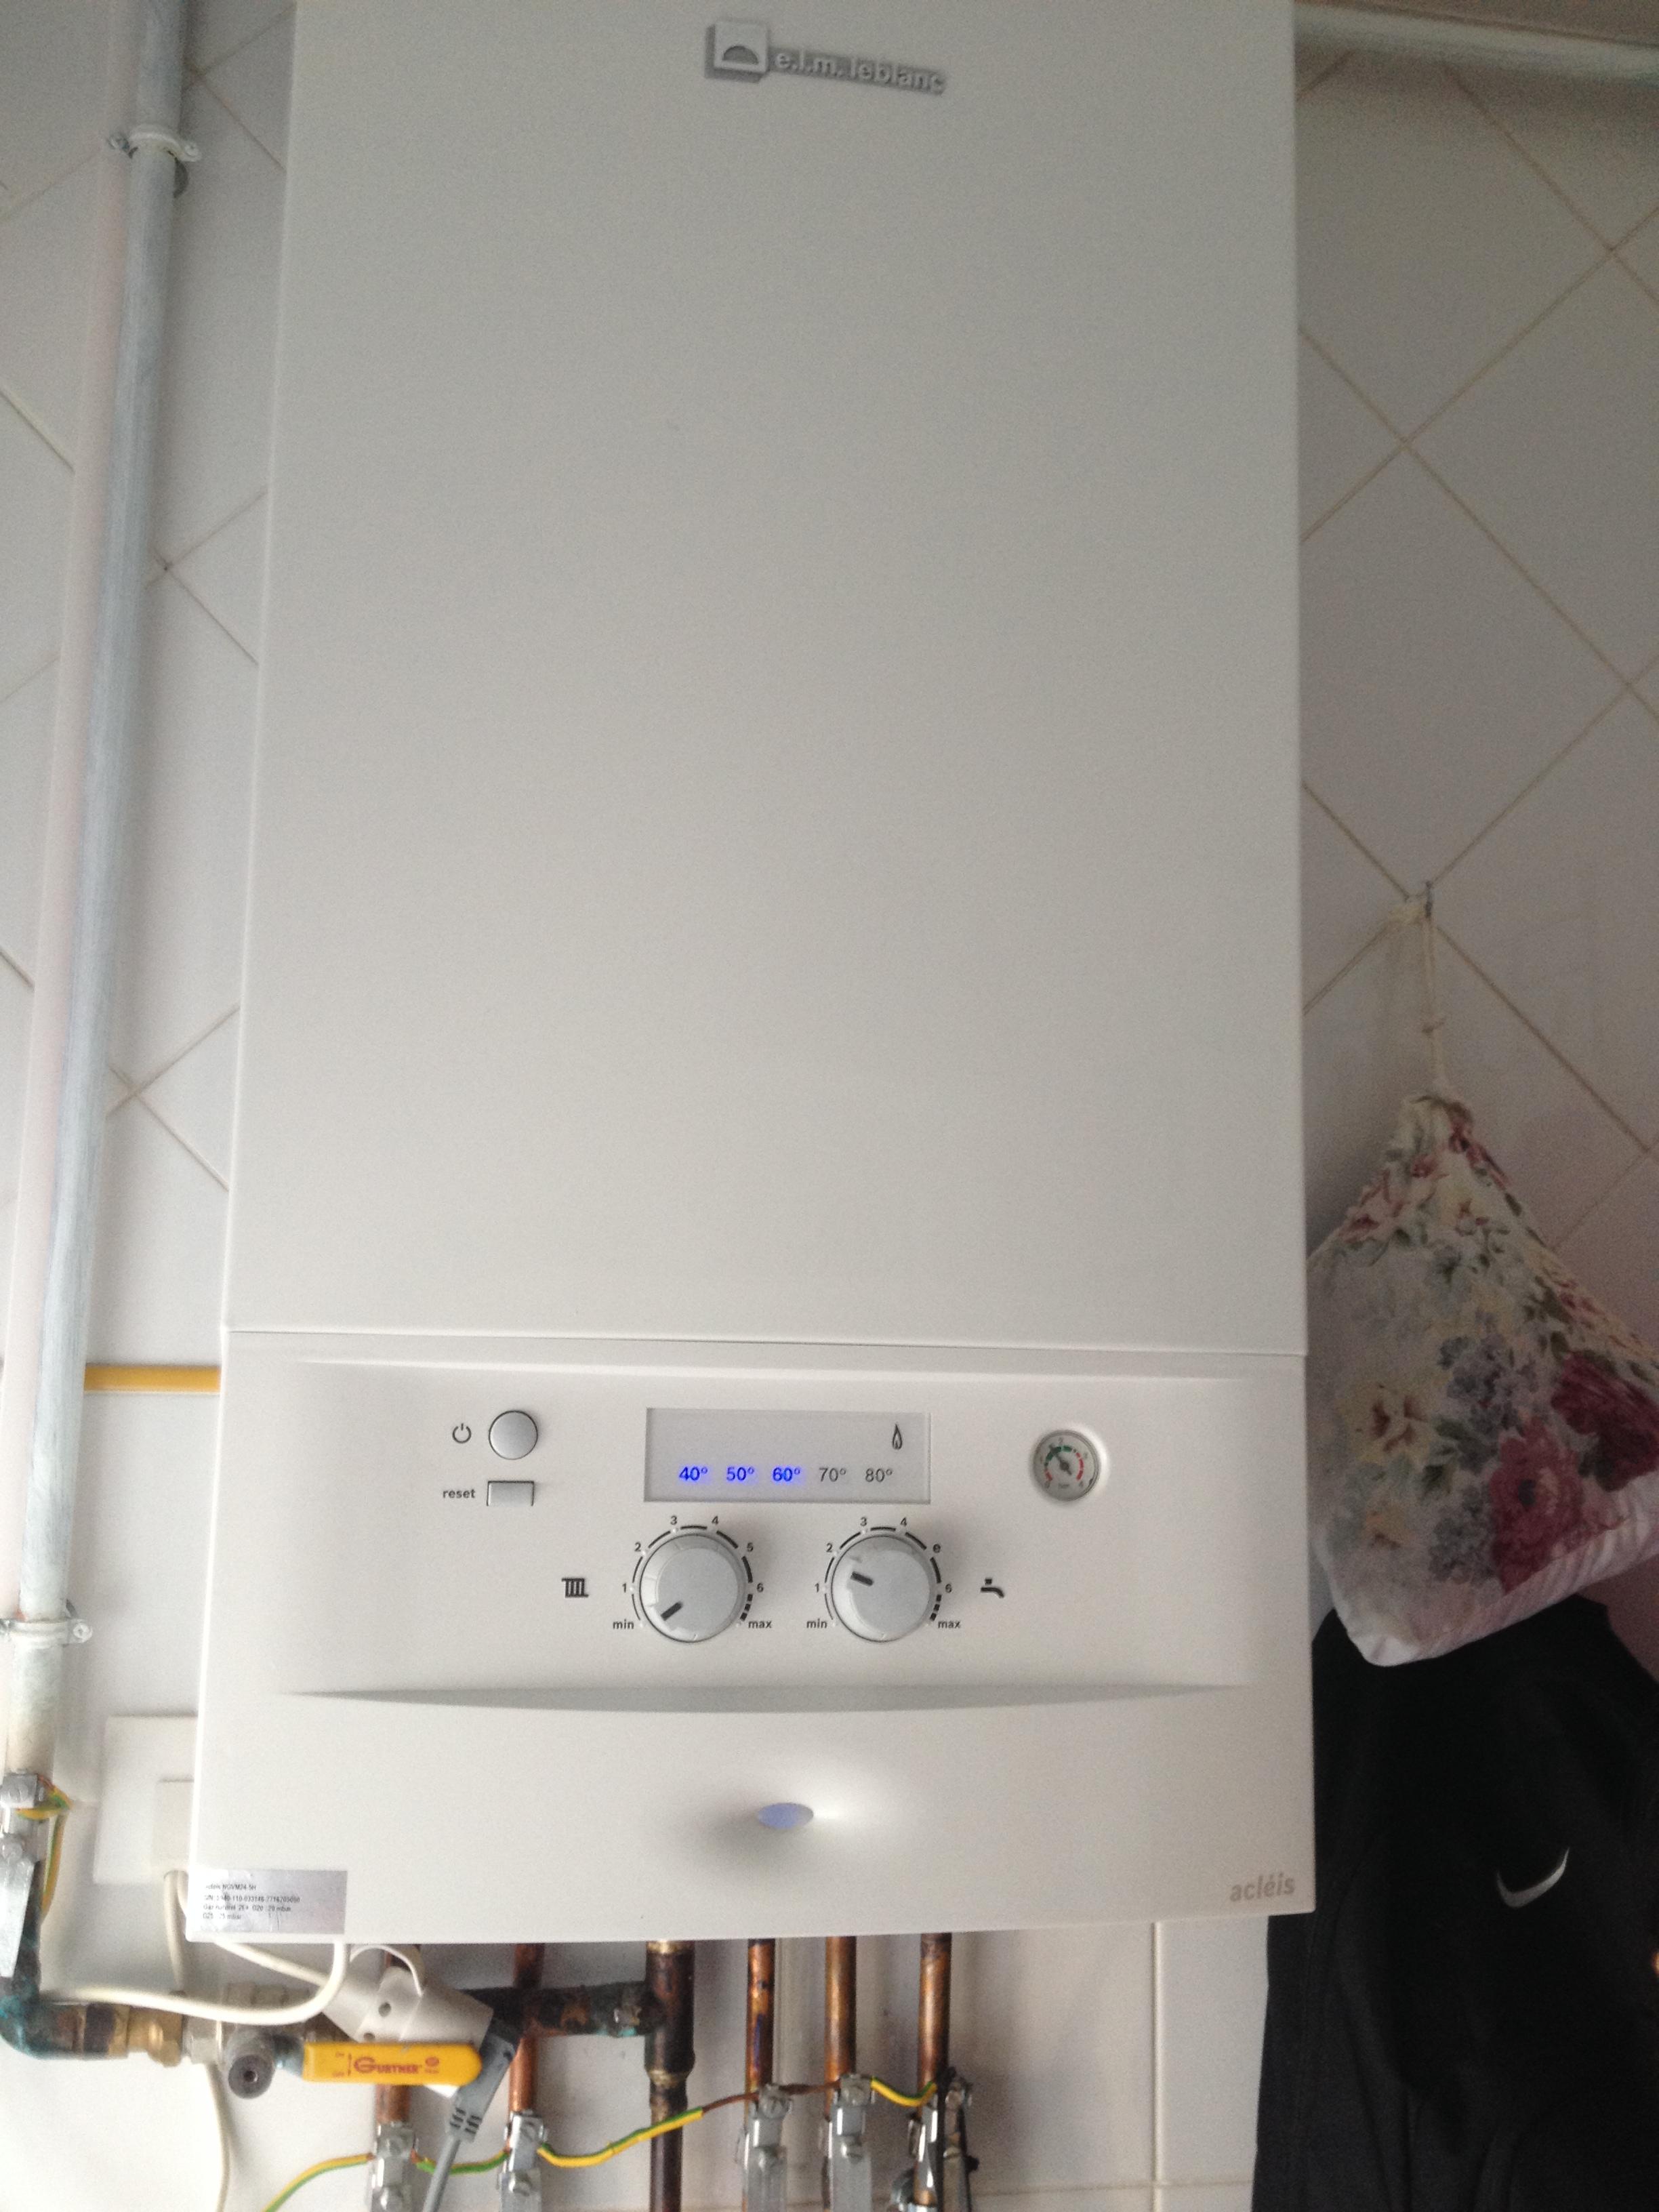 piec gazowy dwufunkcyjny - zbyt duza temperatura minimalna w grzejnikach w piecu